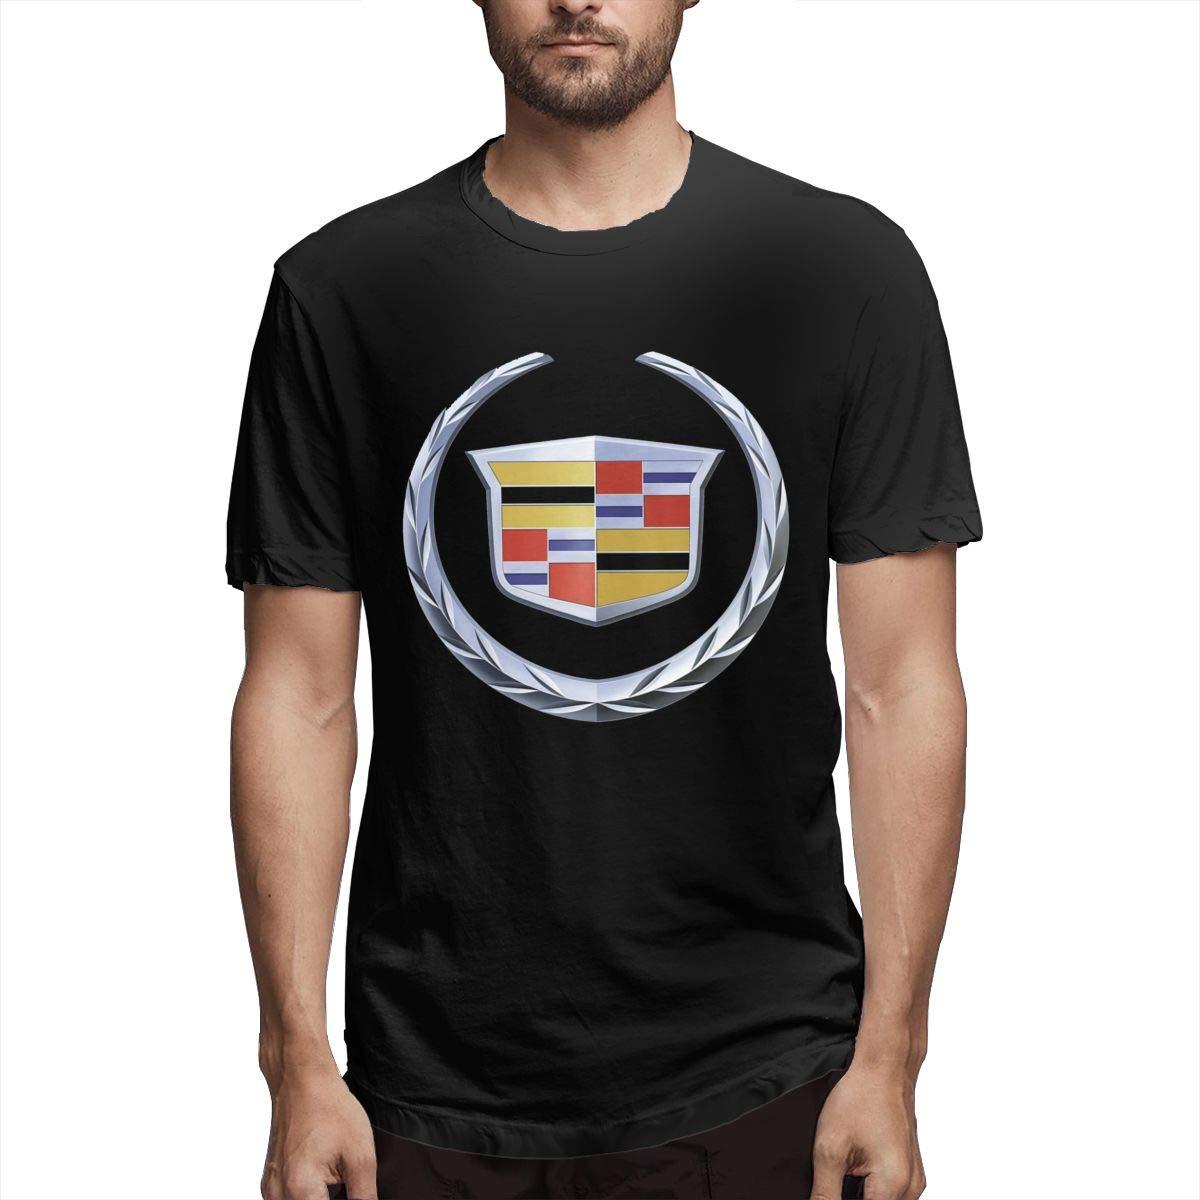 Kinggo Man Printed Breathable Cadillac Logo Short Sleeve Funny T-shirt Black